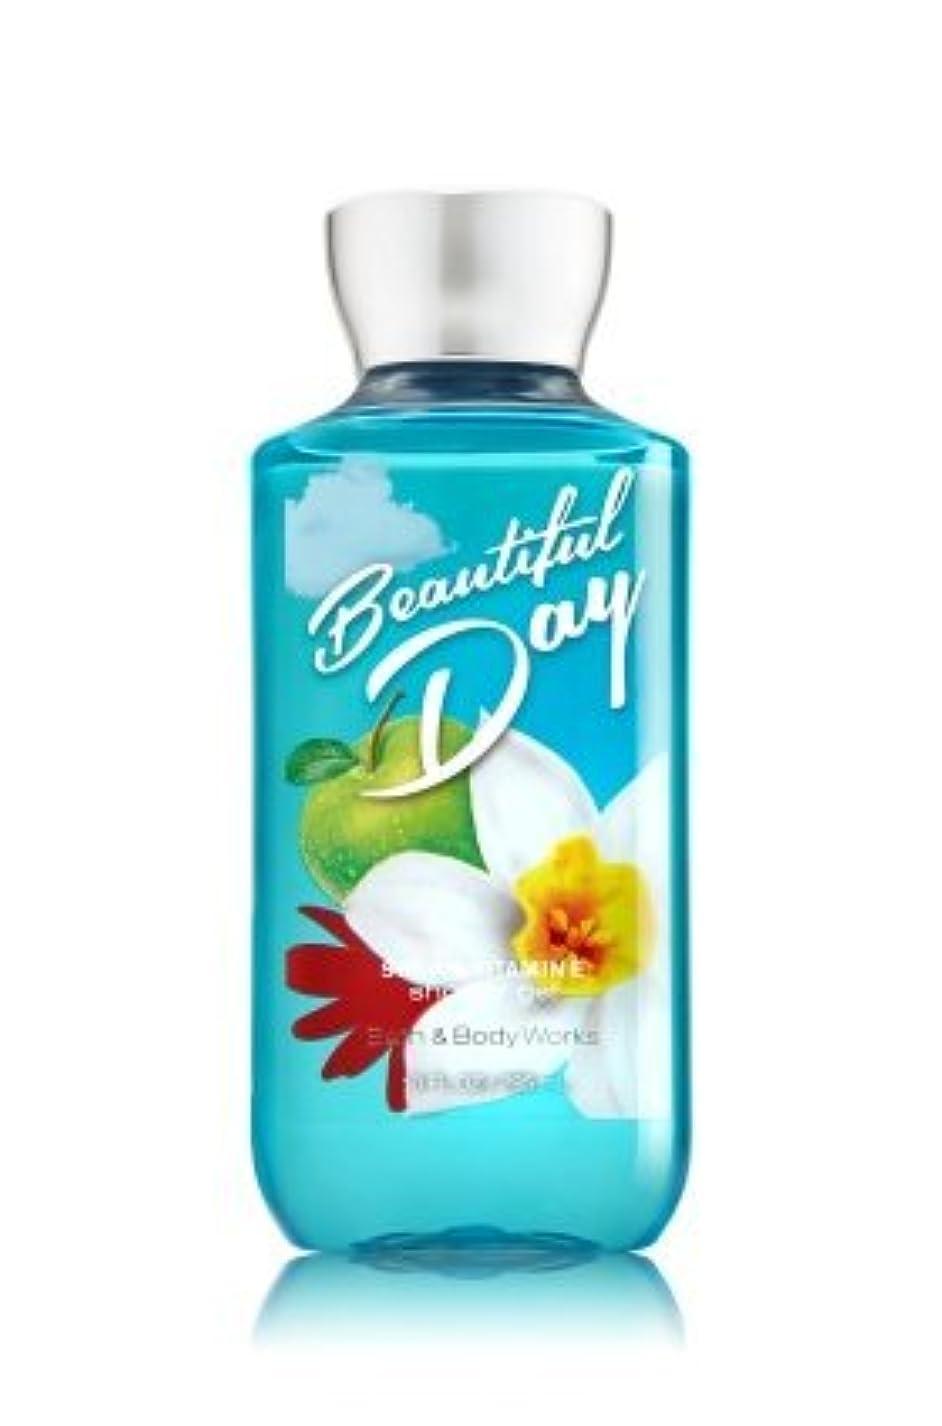 叫び声アルファベット順フルーティー【Bath&Body Works/バス&ボディワークス】 シャワージェル ビューティフルデイ Shower Gel Beautiful Day 10 fl oz / 295 mL [並行輸入品]